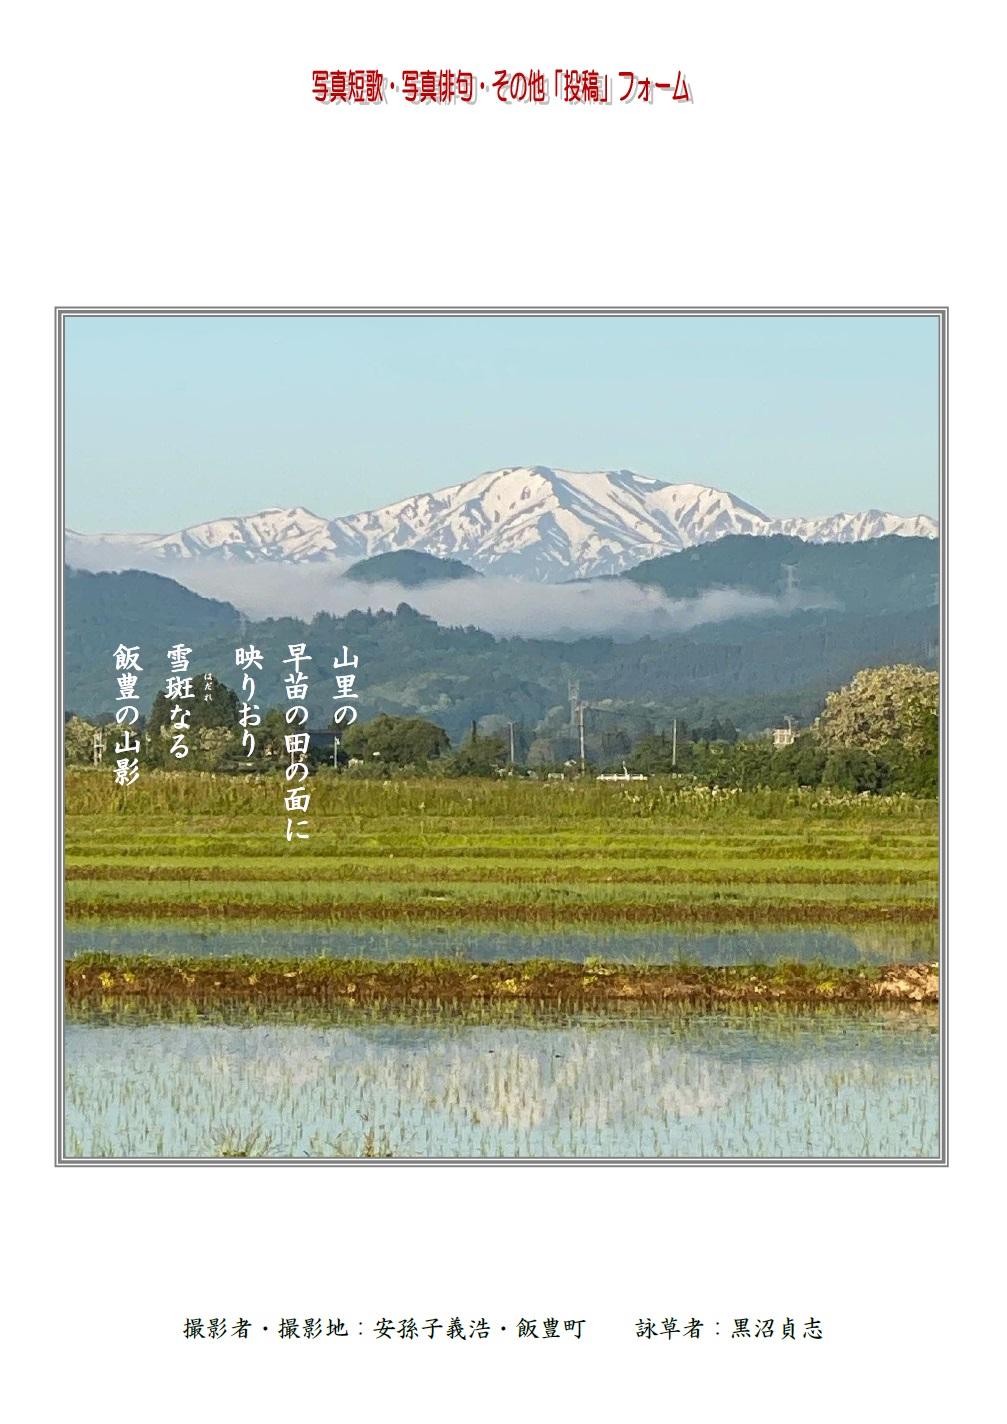 山里の早苗の田の面に映りおり雪斑(はだれ)なる飯豊の山影